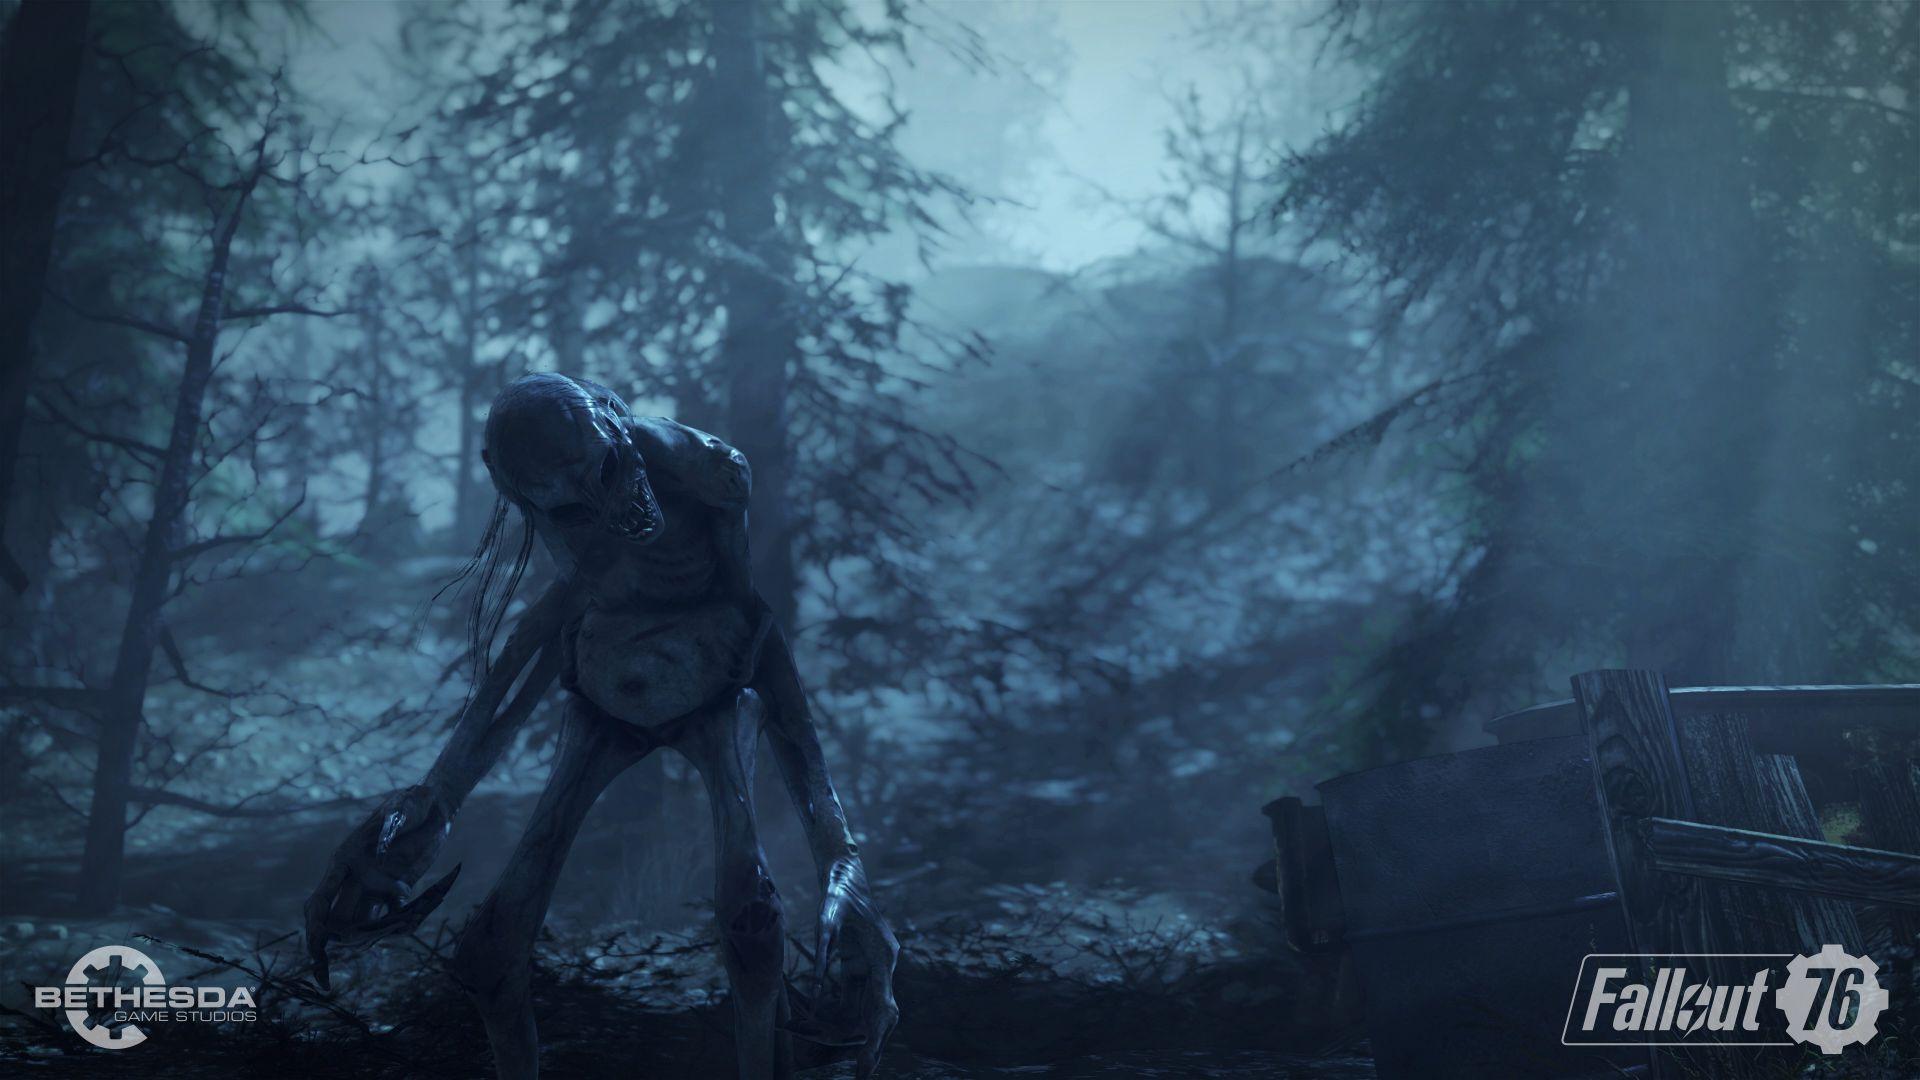 Fallout_76_E3_creature.jpg